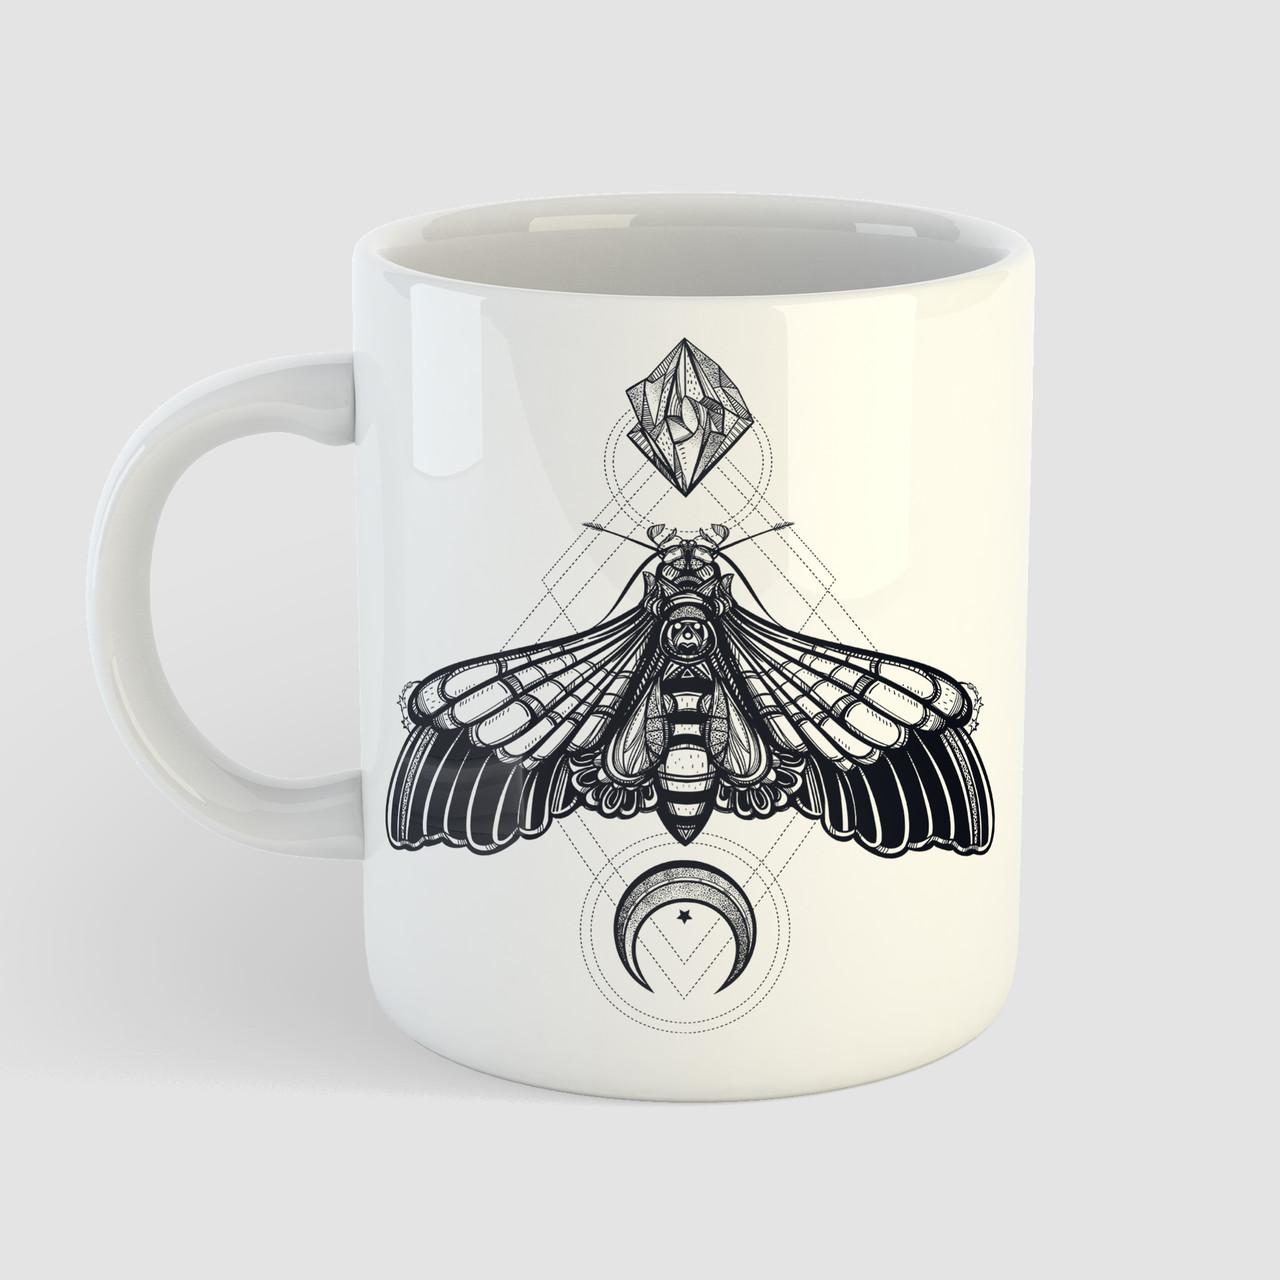 Кружка с принтом Бабочка. Чашка с фото